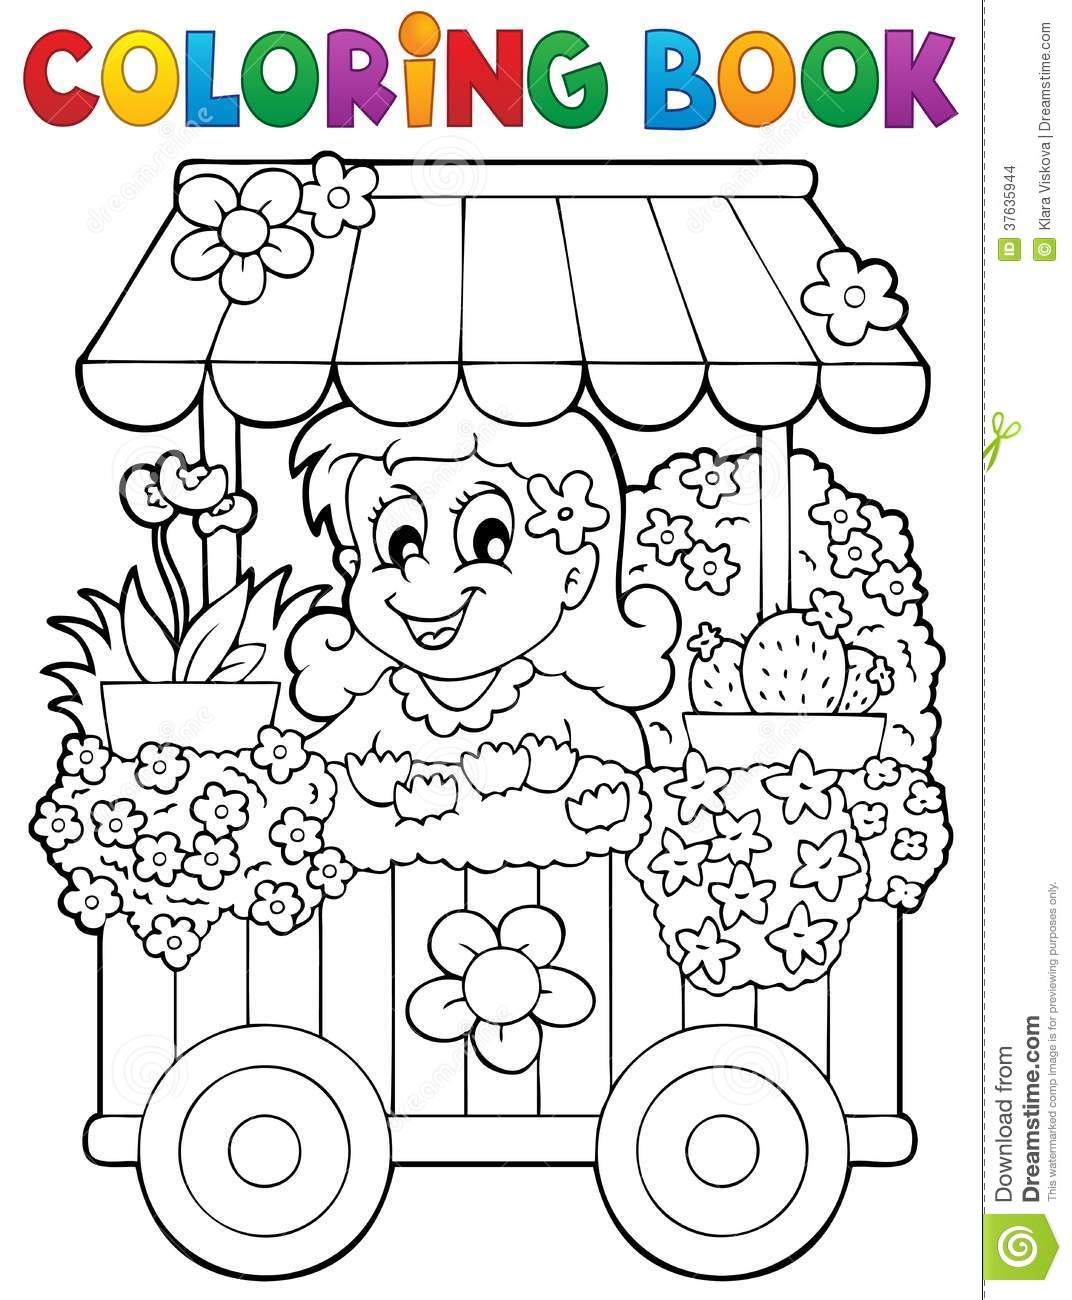 dessin à colorier de fleuriste